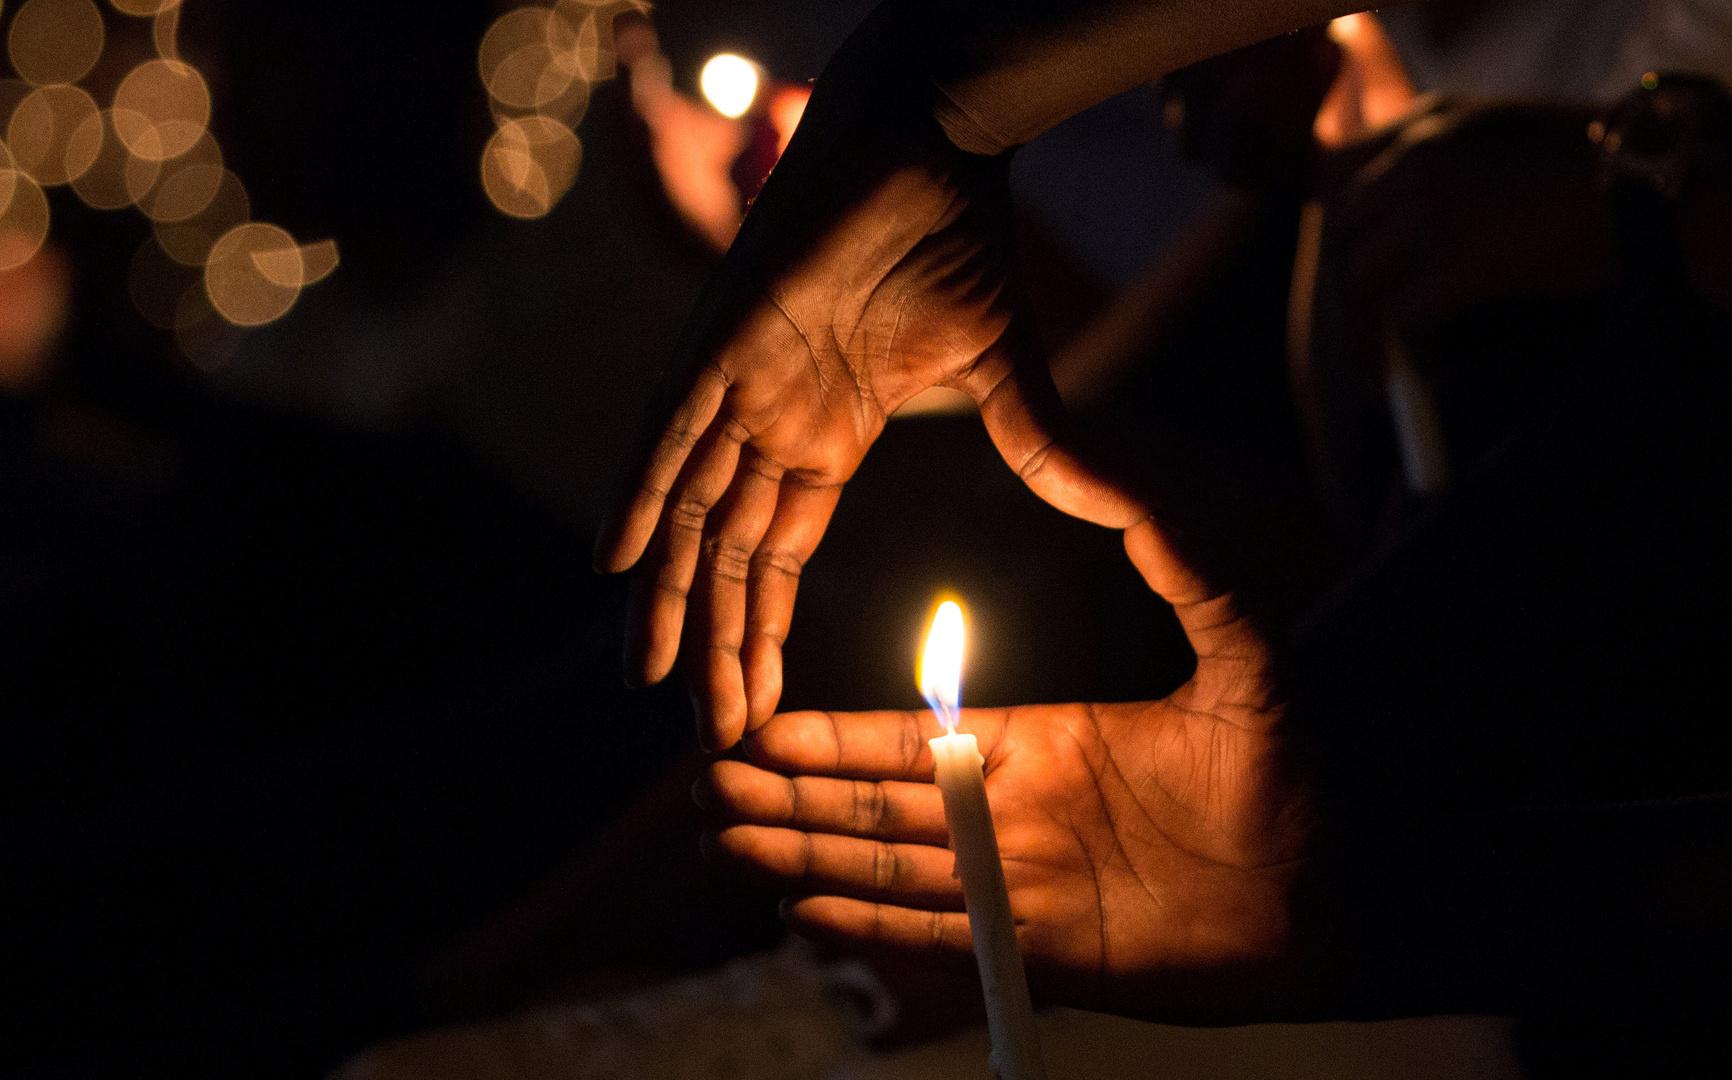 رسميا.. رواندا تحمل فرنسا مسؤولية السماح بالإبادة الجماعية في 1994